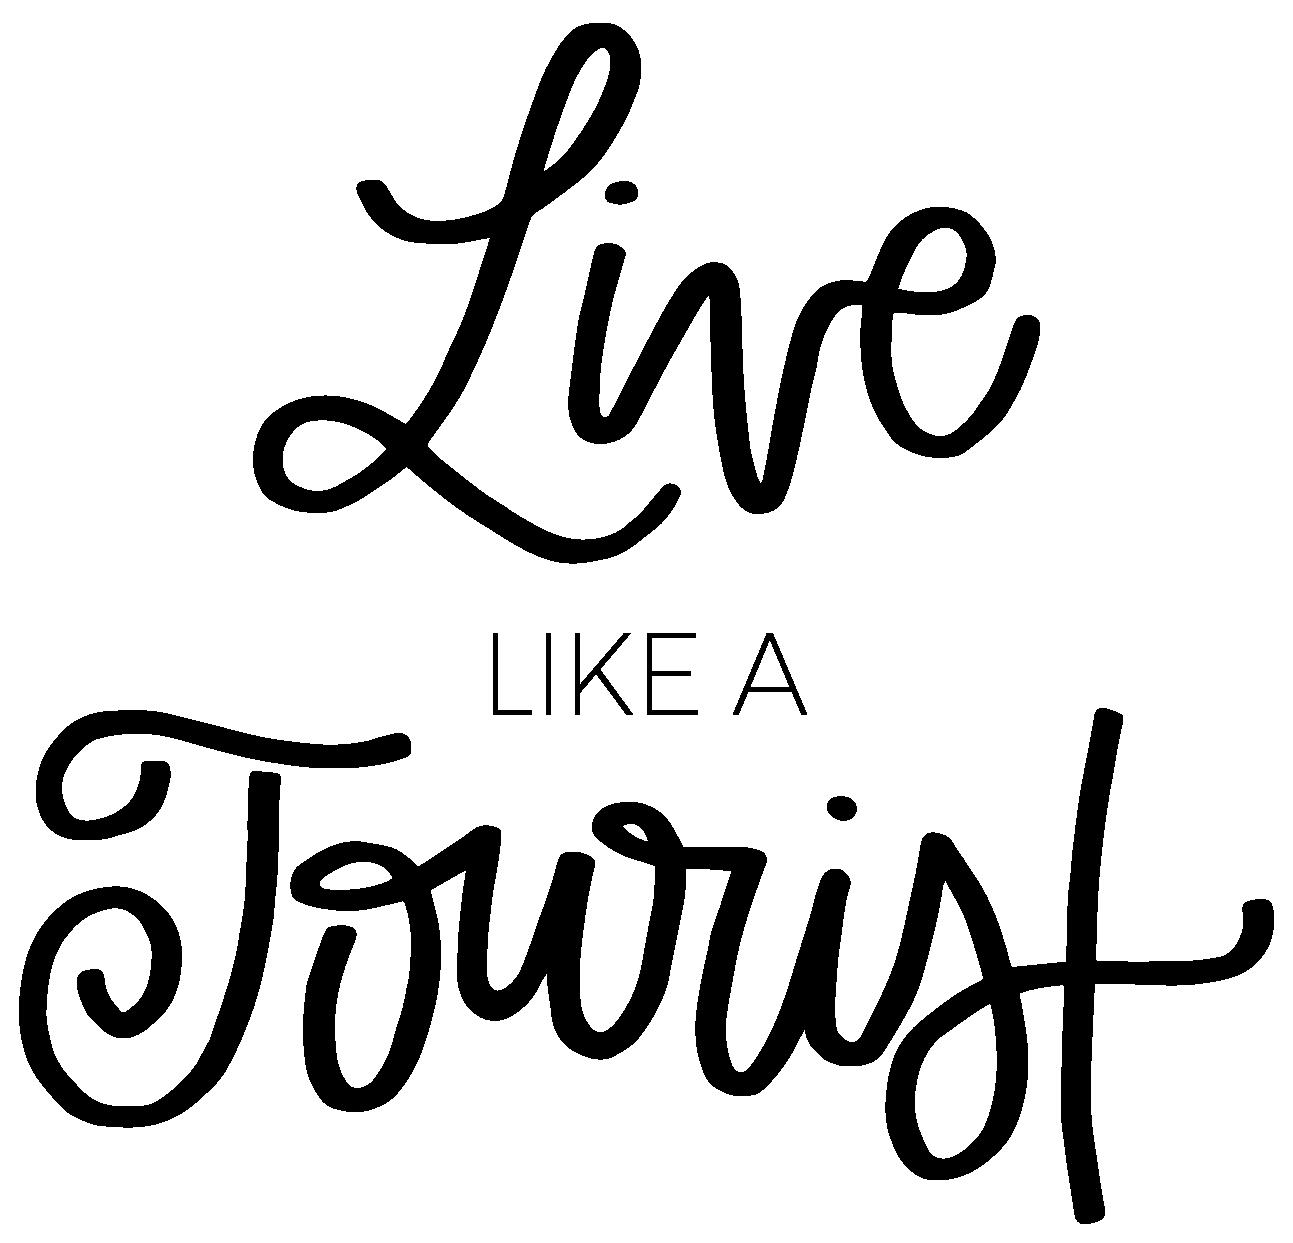 logo for a client's idea